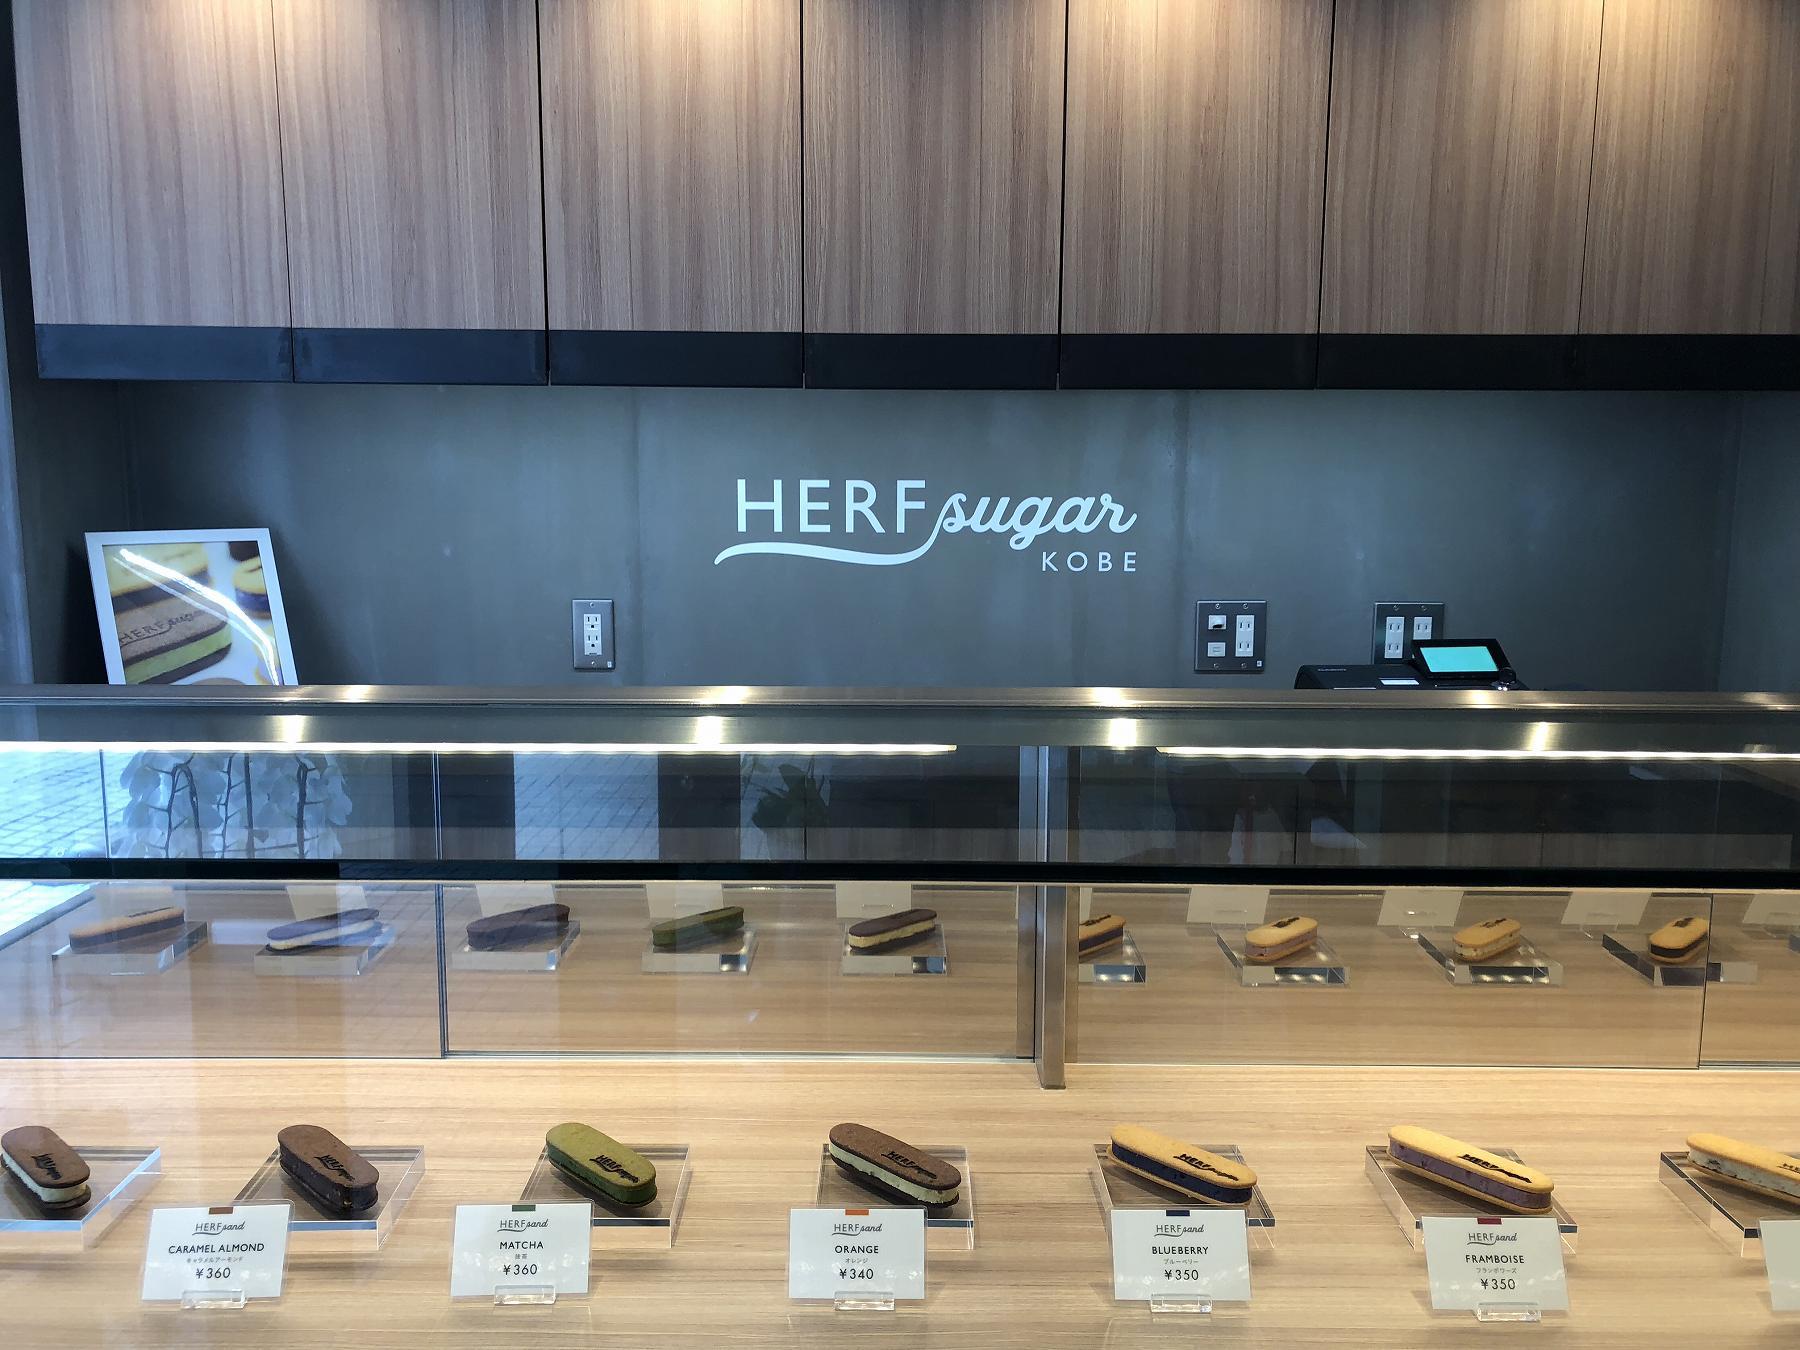 神戸・岡本にチョコレートサンド専門店「HERF sugar KOBE(ハーフシュガーコウベ)」がオープンしたので、買ってみた! #新規オープン #ハーフシュガー #神戸岡本 #神戸スイーツ